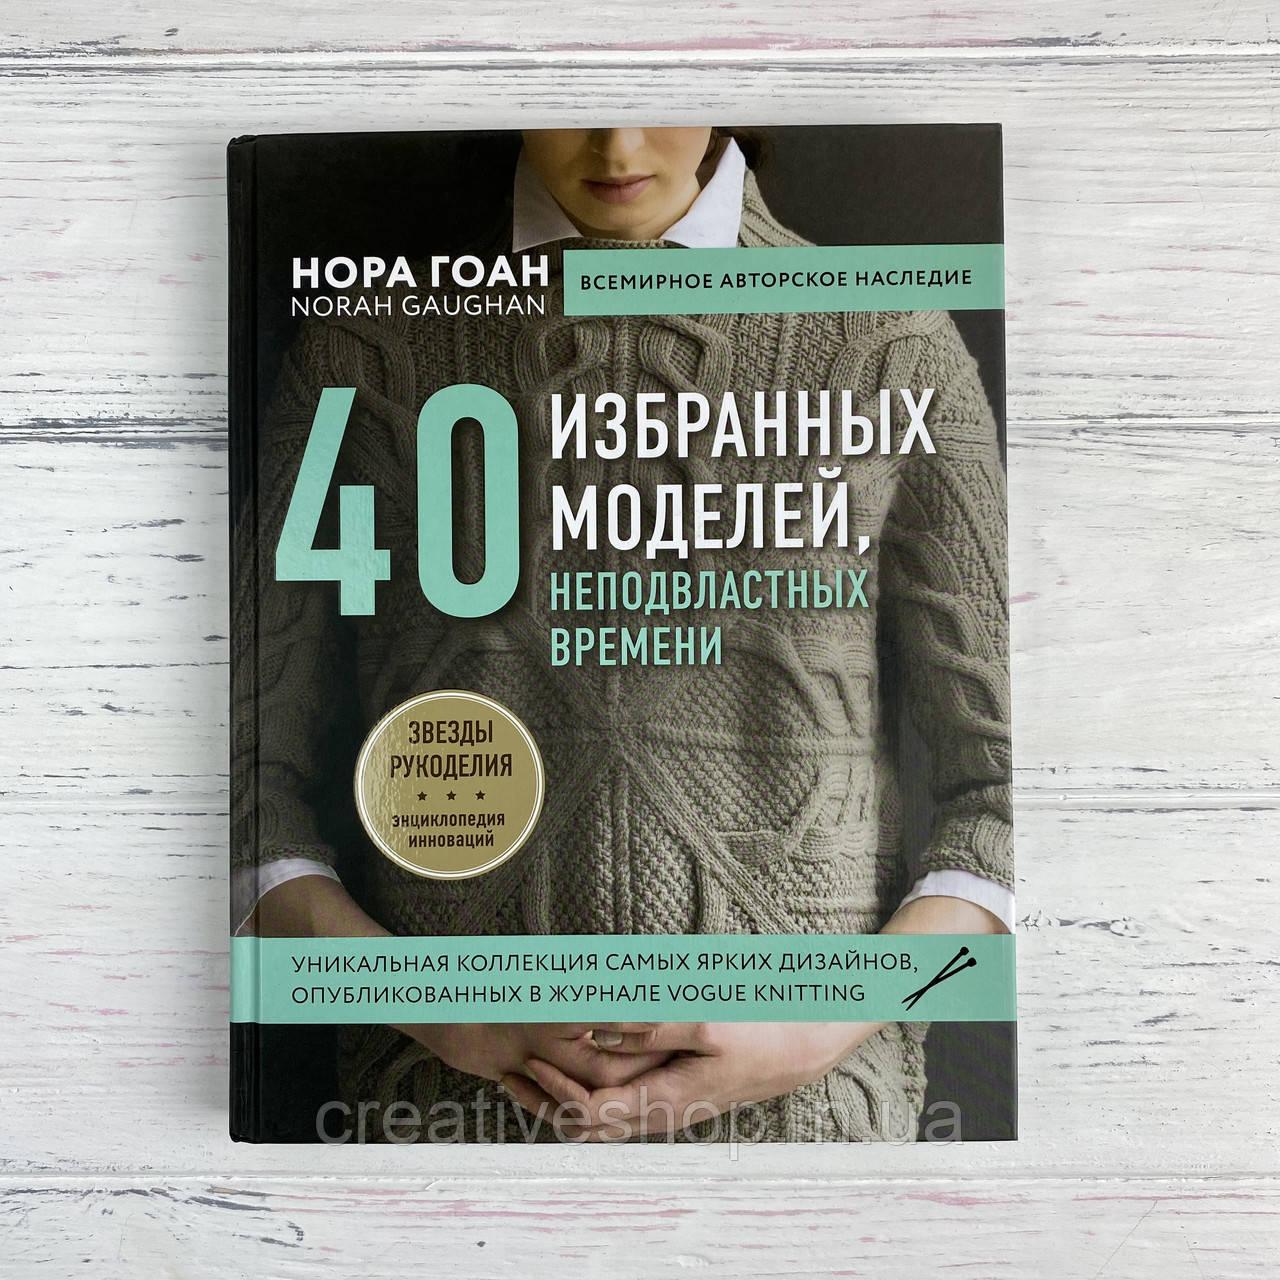 """Книга по вязанию """"Нора Гоан. 40 избранных моделей, неподвластных времени"""""""